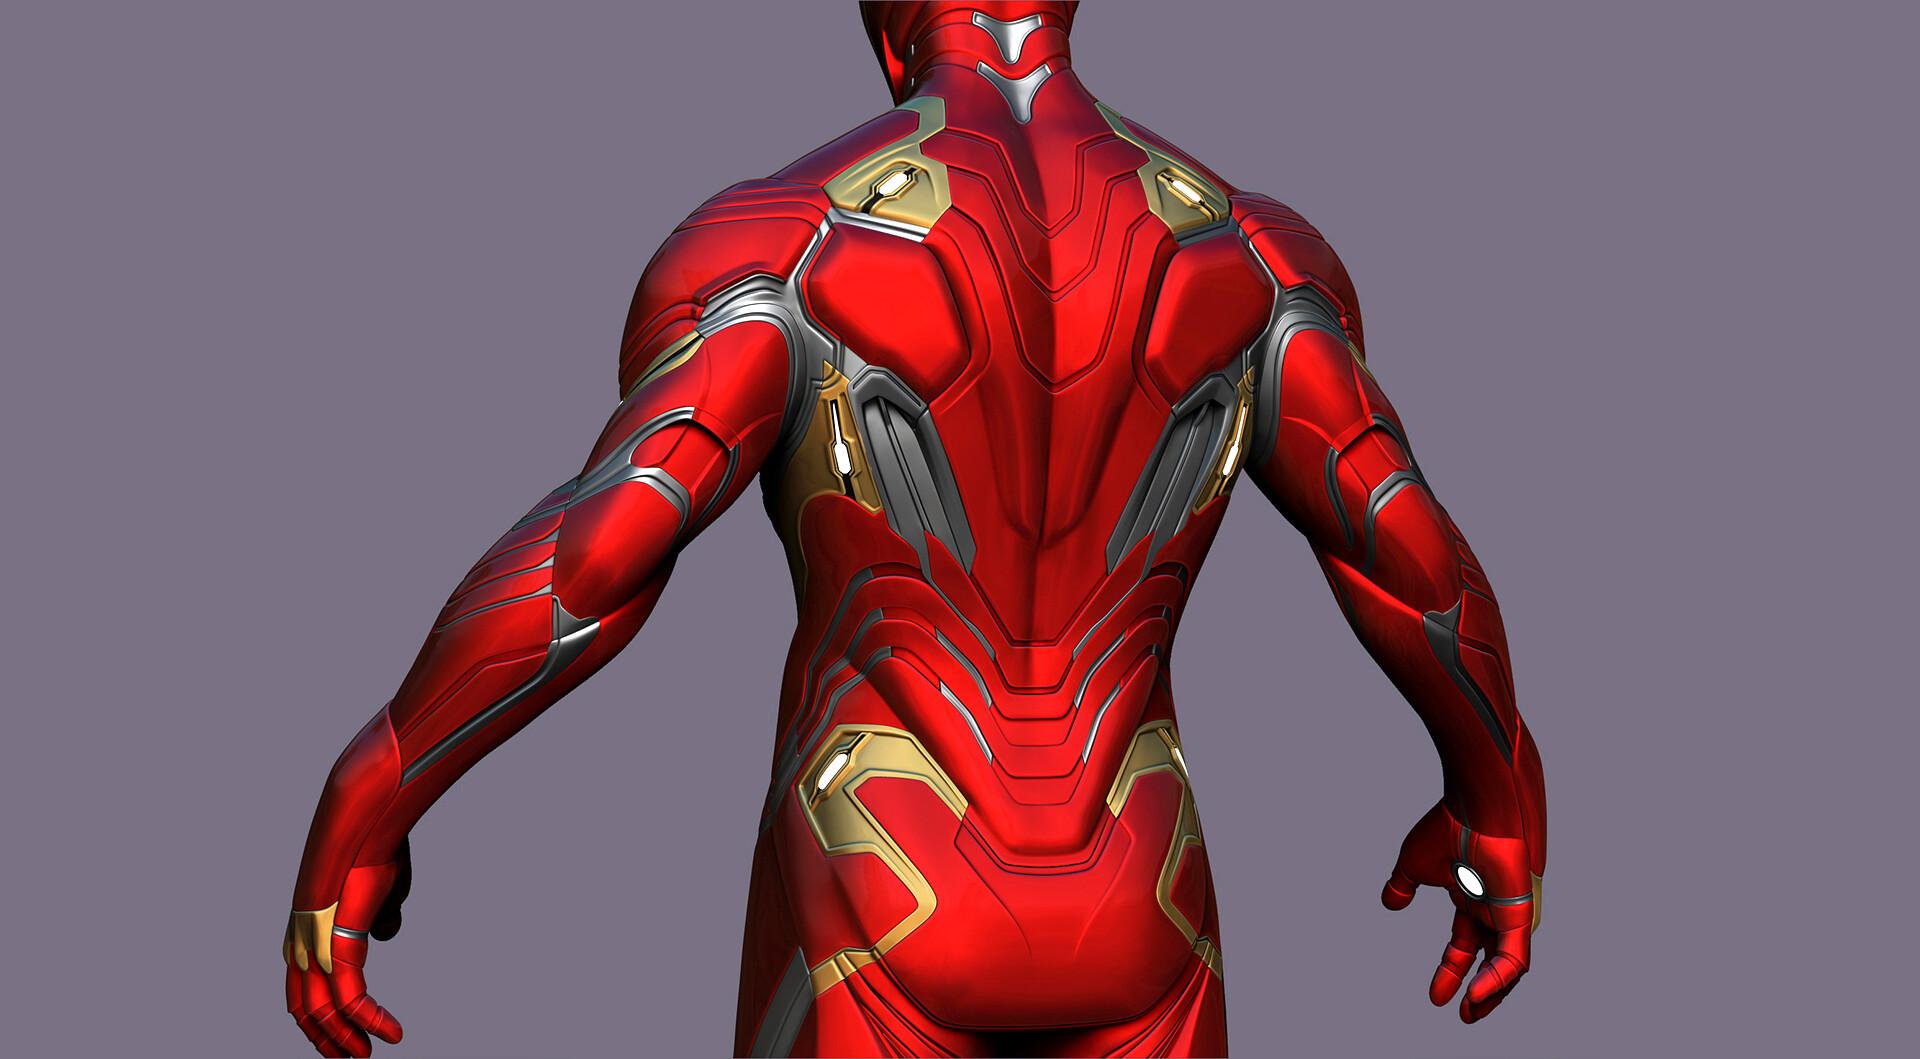 Velimir kondic iron man 5